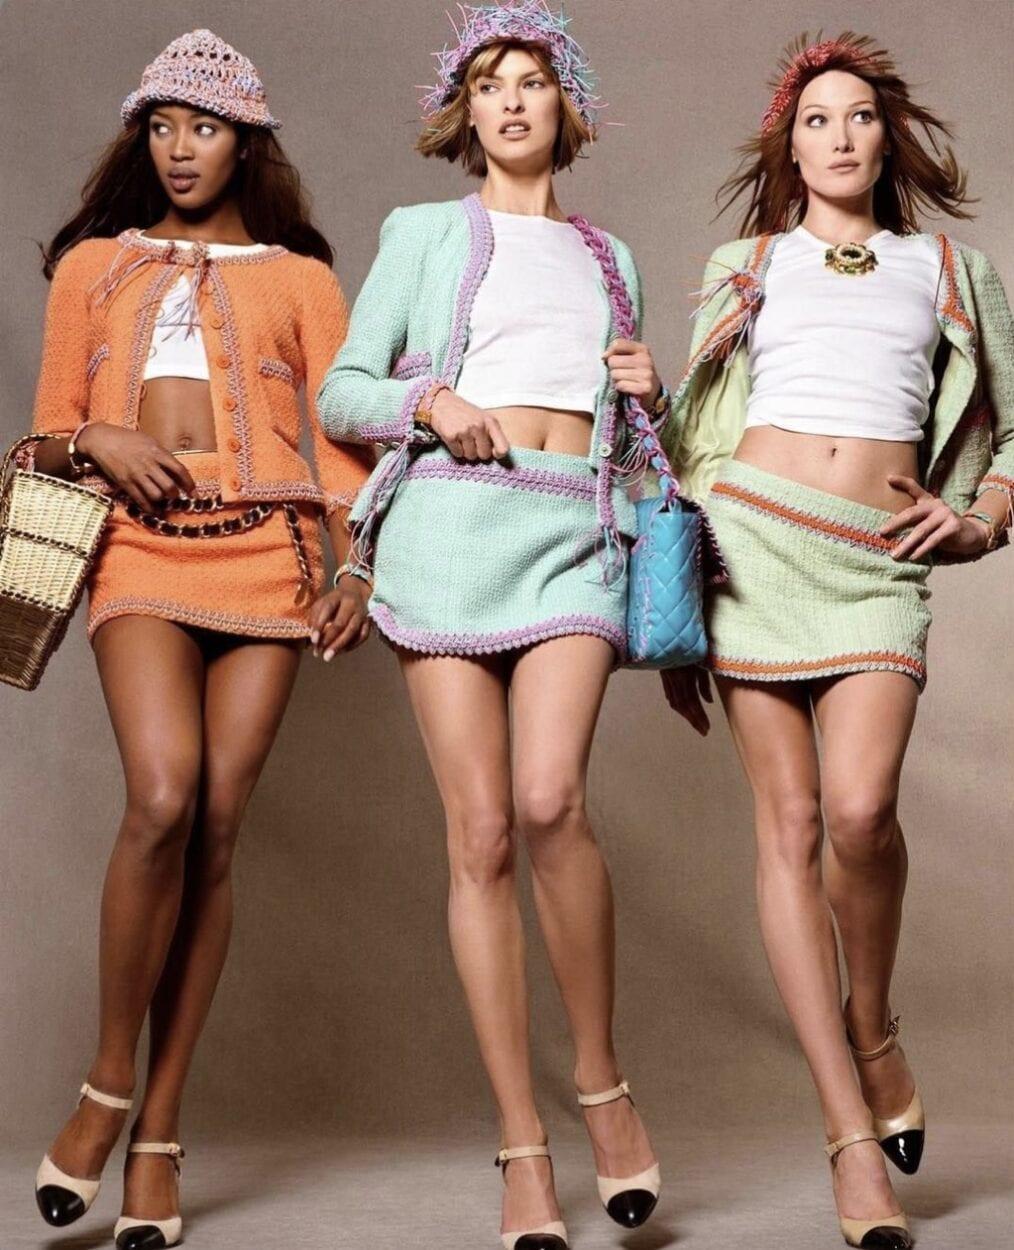 modelos Naomi Campbell e Linda Evangelista